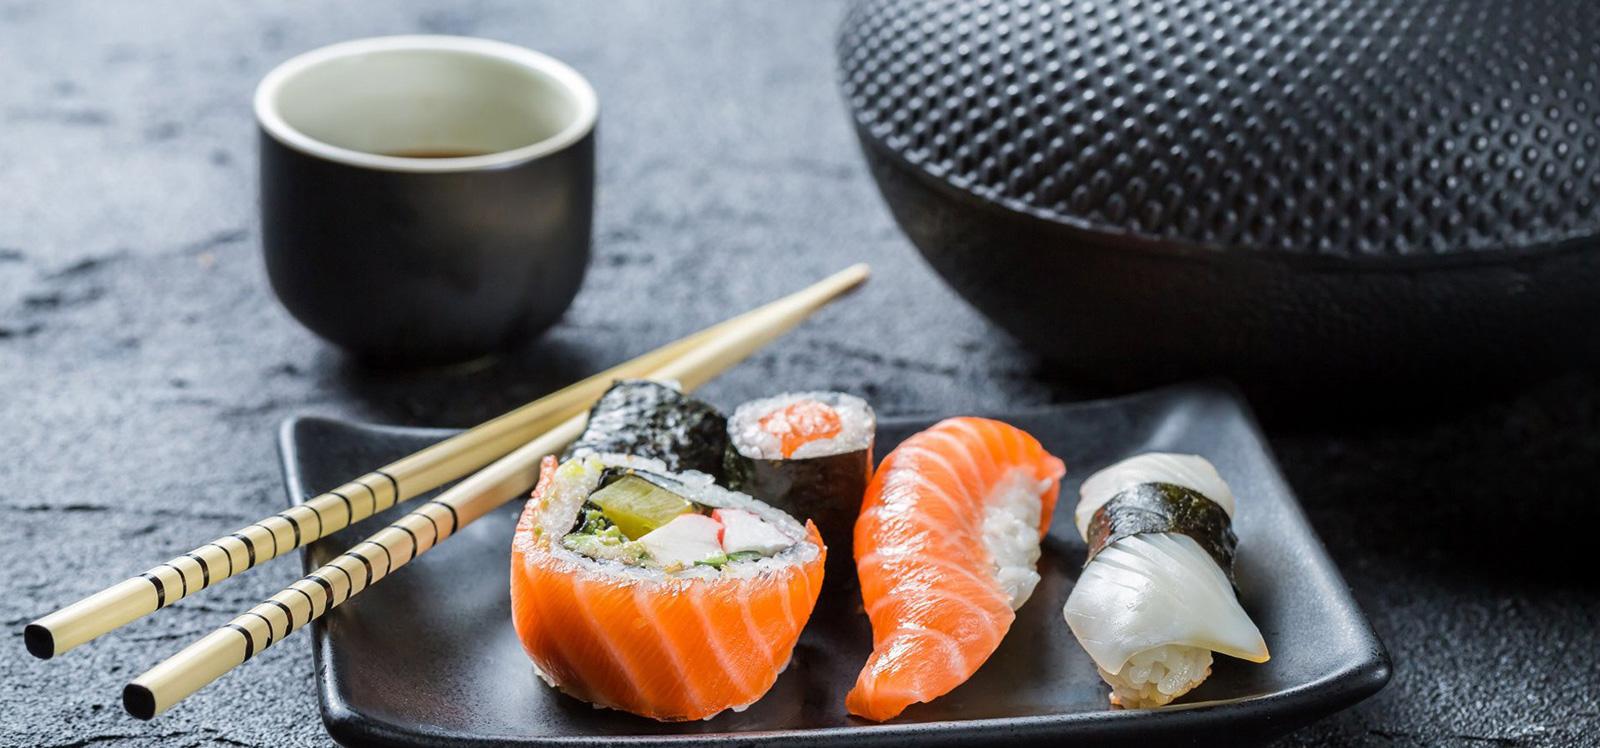 Restauracja Saya Sushi poleca: